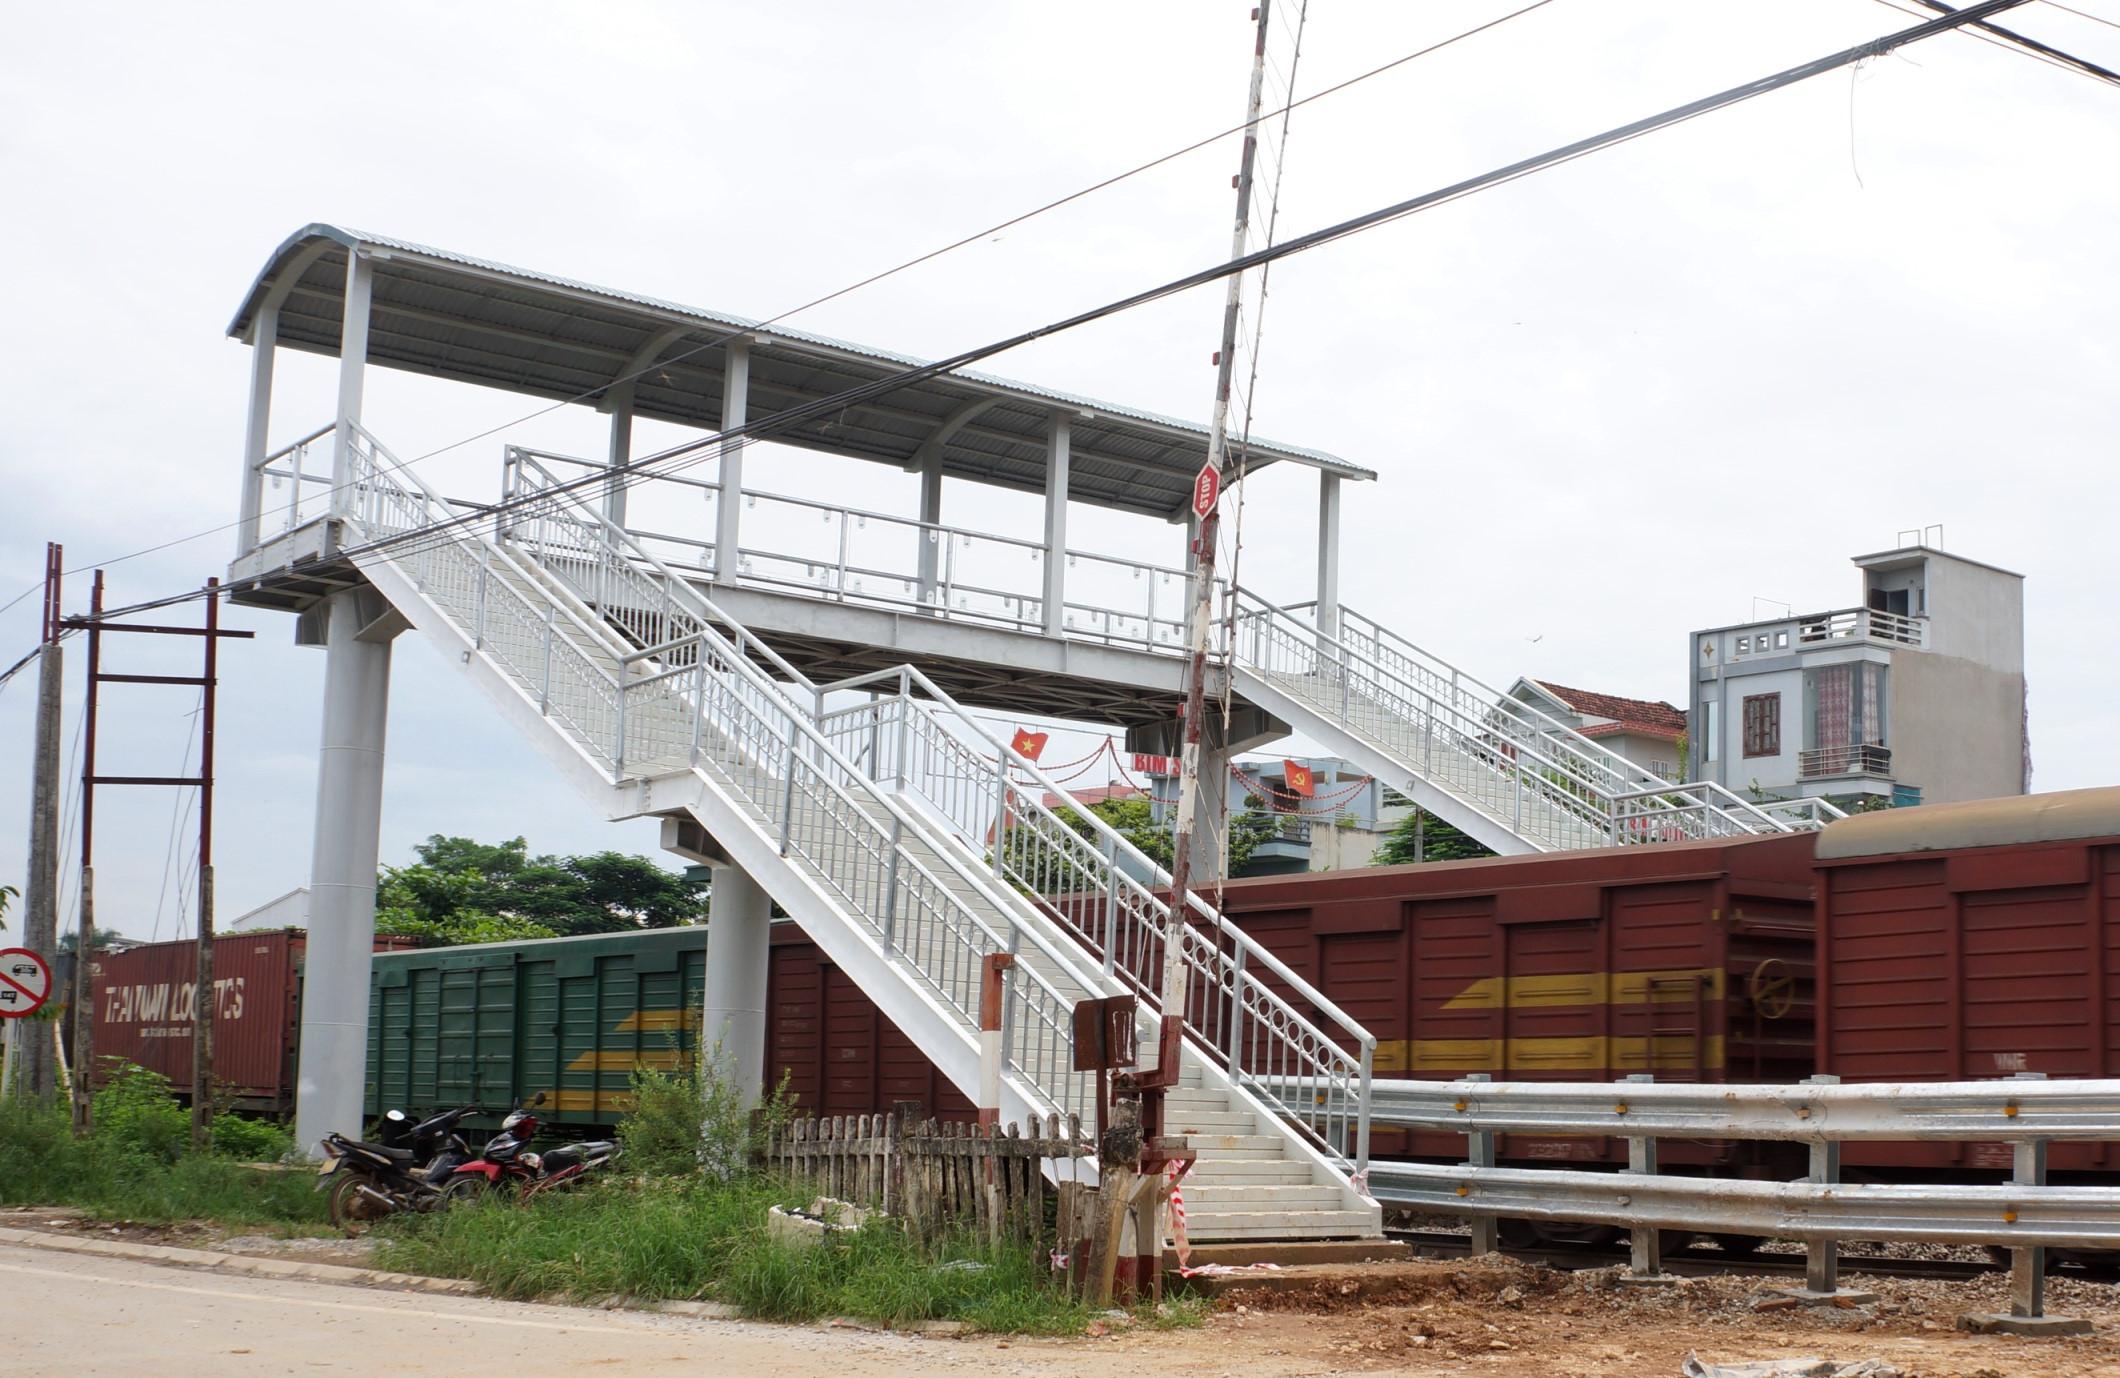 Cầu bộ hành vượt đường sắt tiền tỷ bị dân phản đối